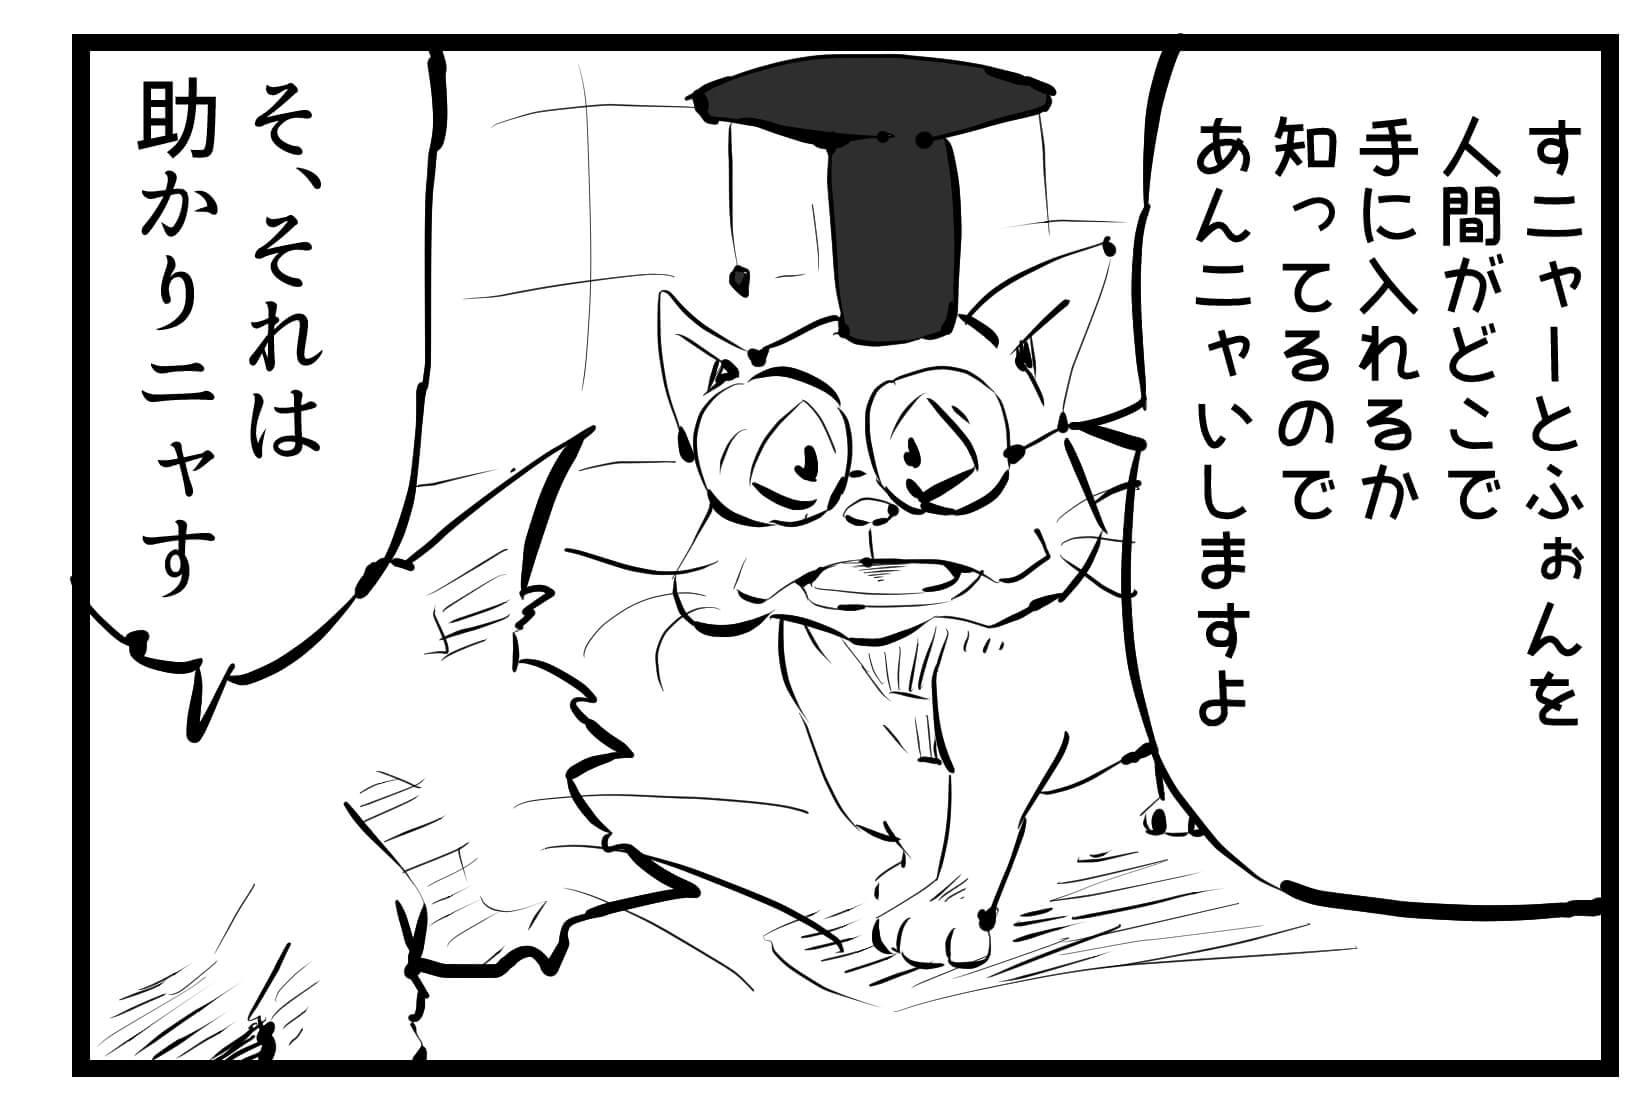 猫,漫画,ツイッター,1コマ漫画連載